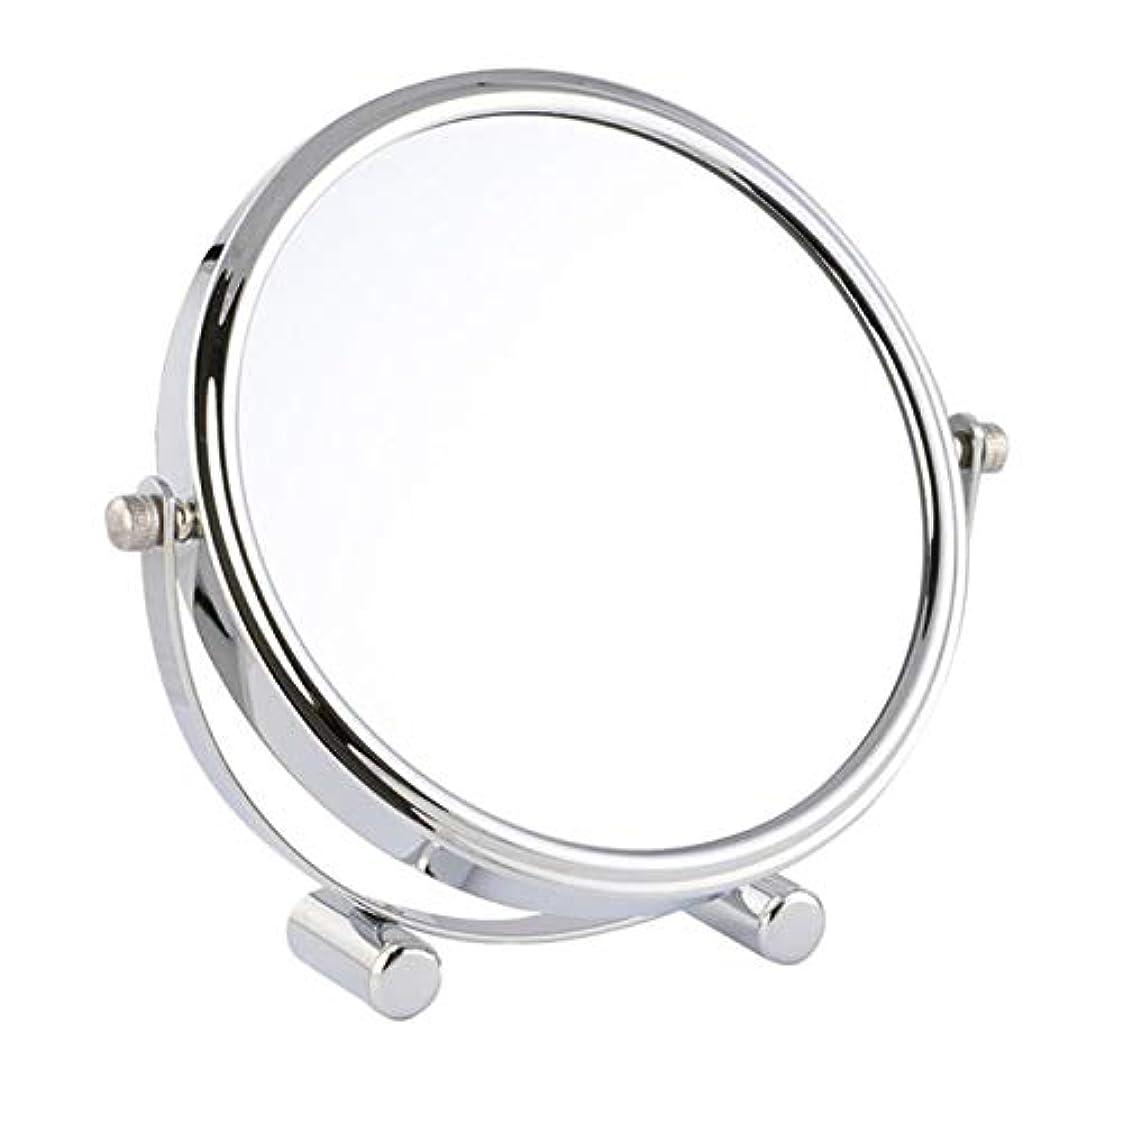 鋸歯状アベニュー引き渡す化粧鏡 女優ミラー けメイクミラー スタンドミラー 卓上鏡 化粧道具 両面鏡 片面2倍 拡大鏡 360度回転 鏡面直径17cm